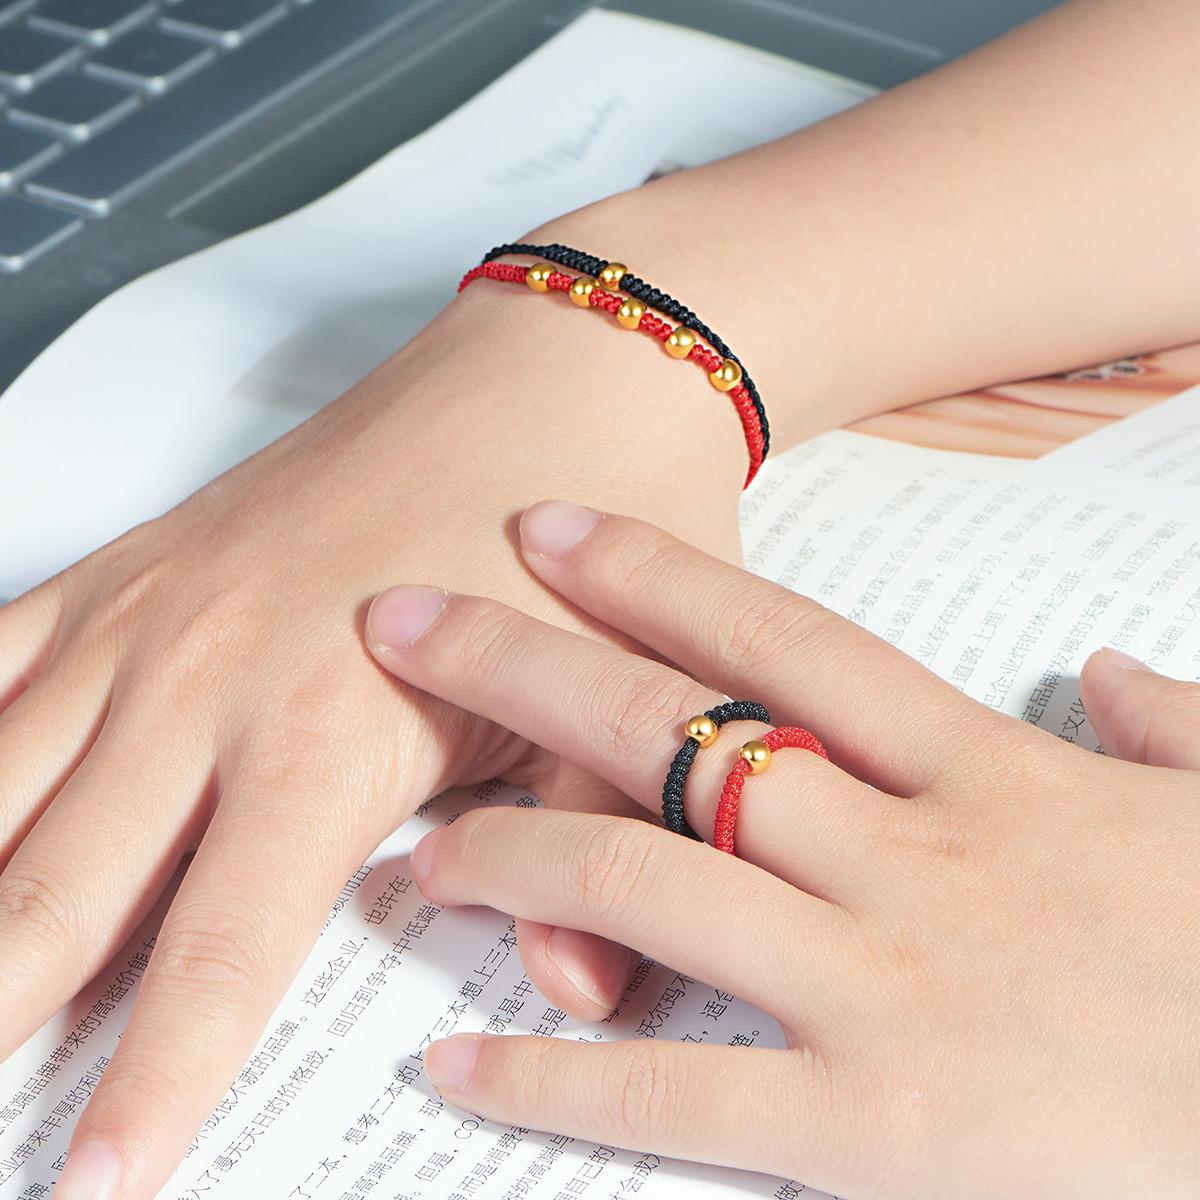 曼卡龙抖音同款小金珠黄金戒指3D硬金足金转运珠戒指指环手工红绳手链XJZJH